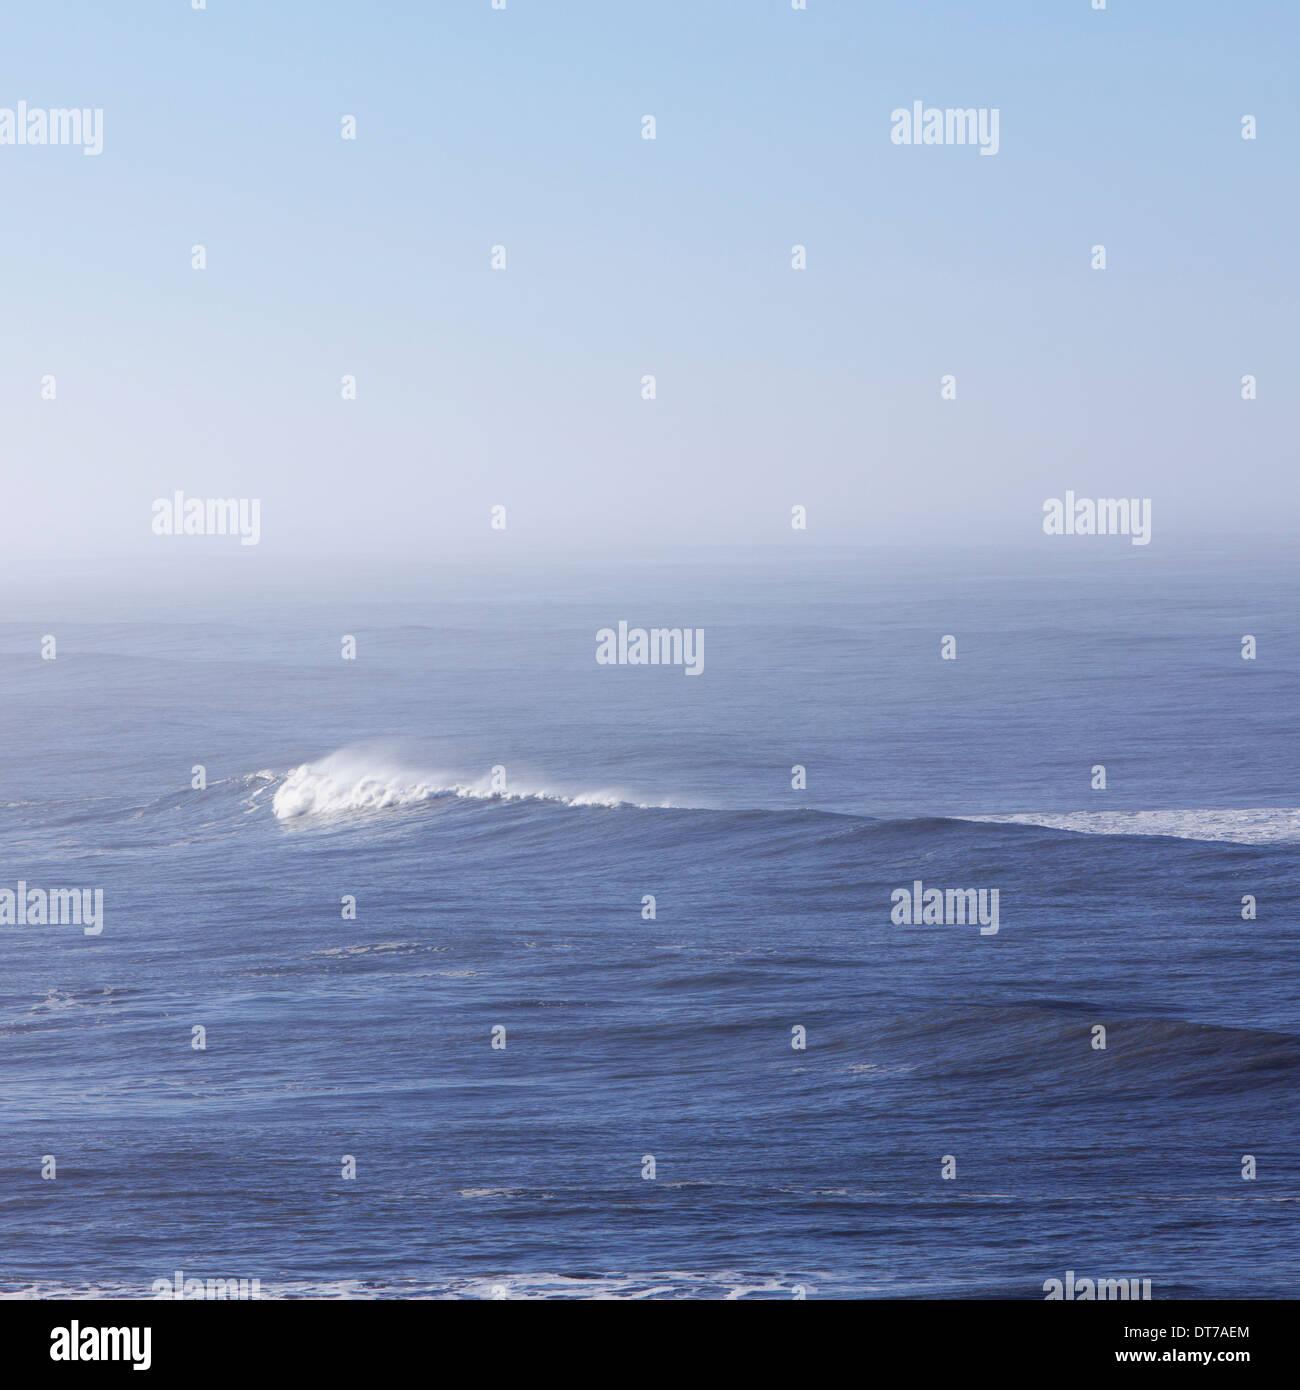 Vistas al océano y una ola con cresta blanca en desarrollo el Parque Nacional Olímpico en Washington EE.UU. Imagen De Stock